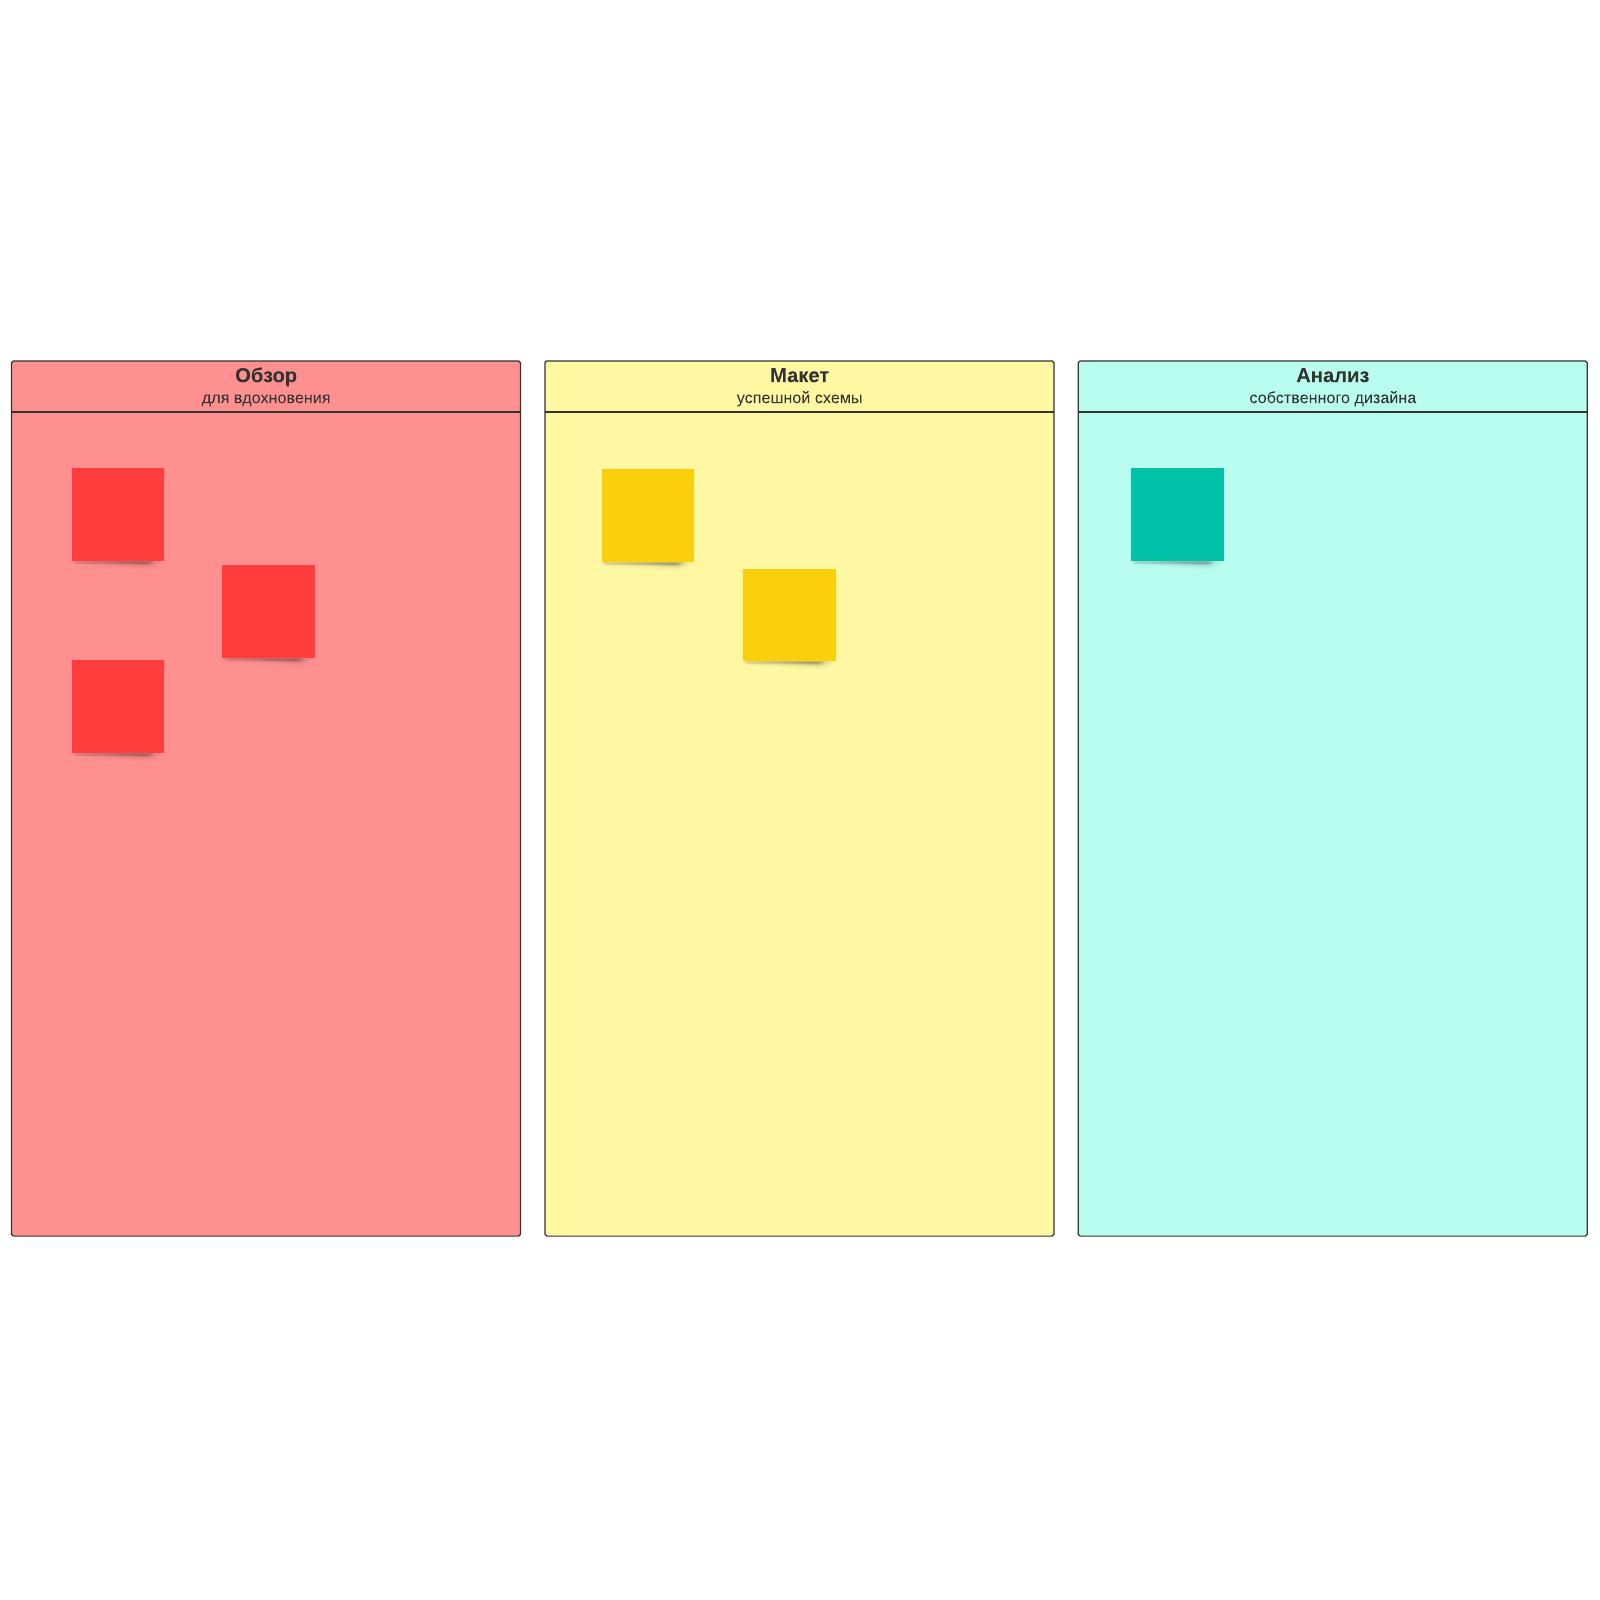 Шаблон по методу «Обзор, макет, анализ»